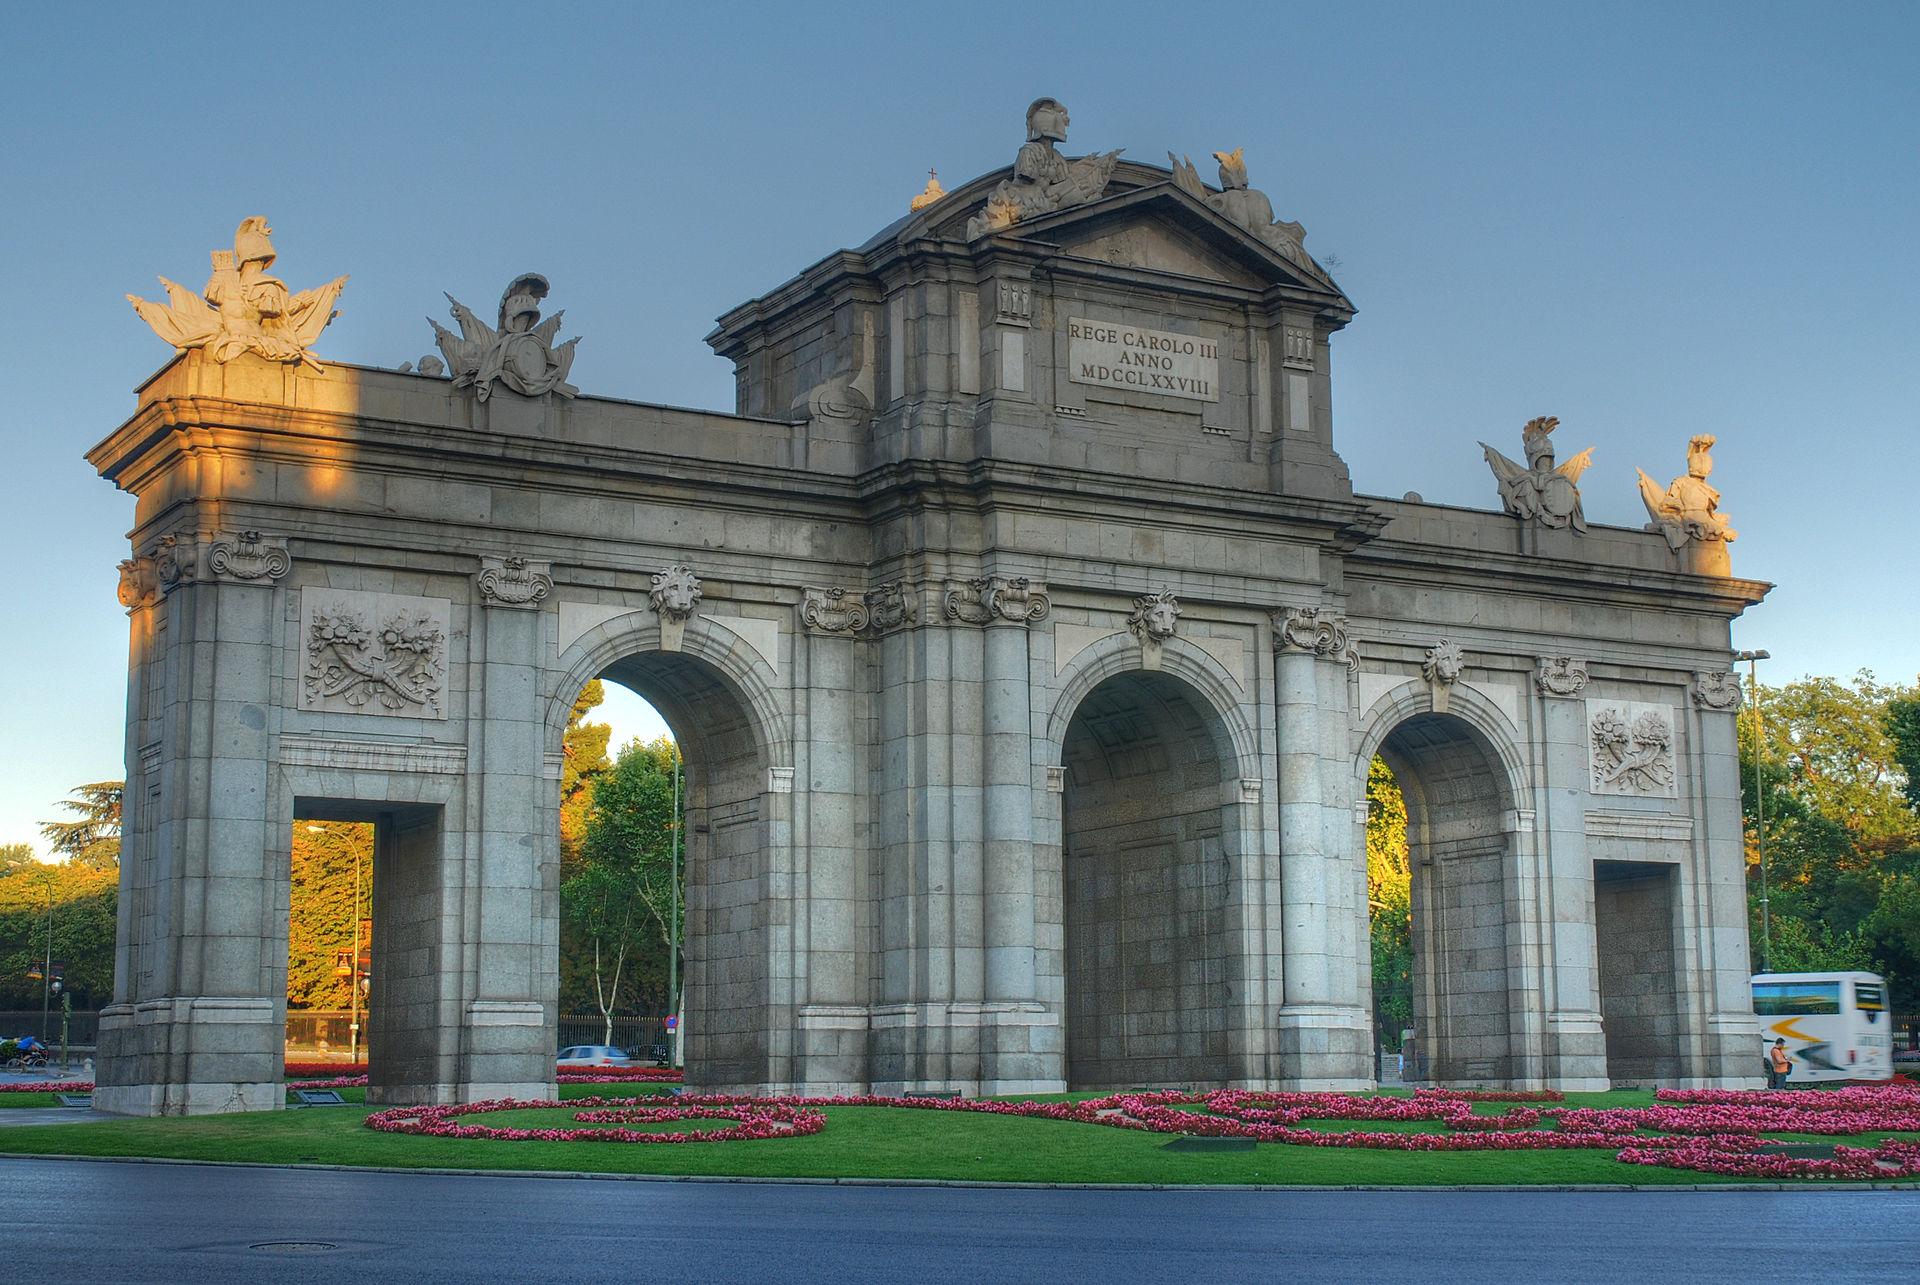 Puerta de alcal wikipedia - Arquitectos en espana ...